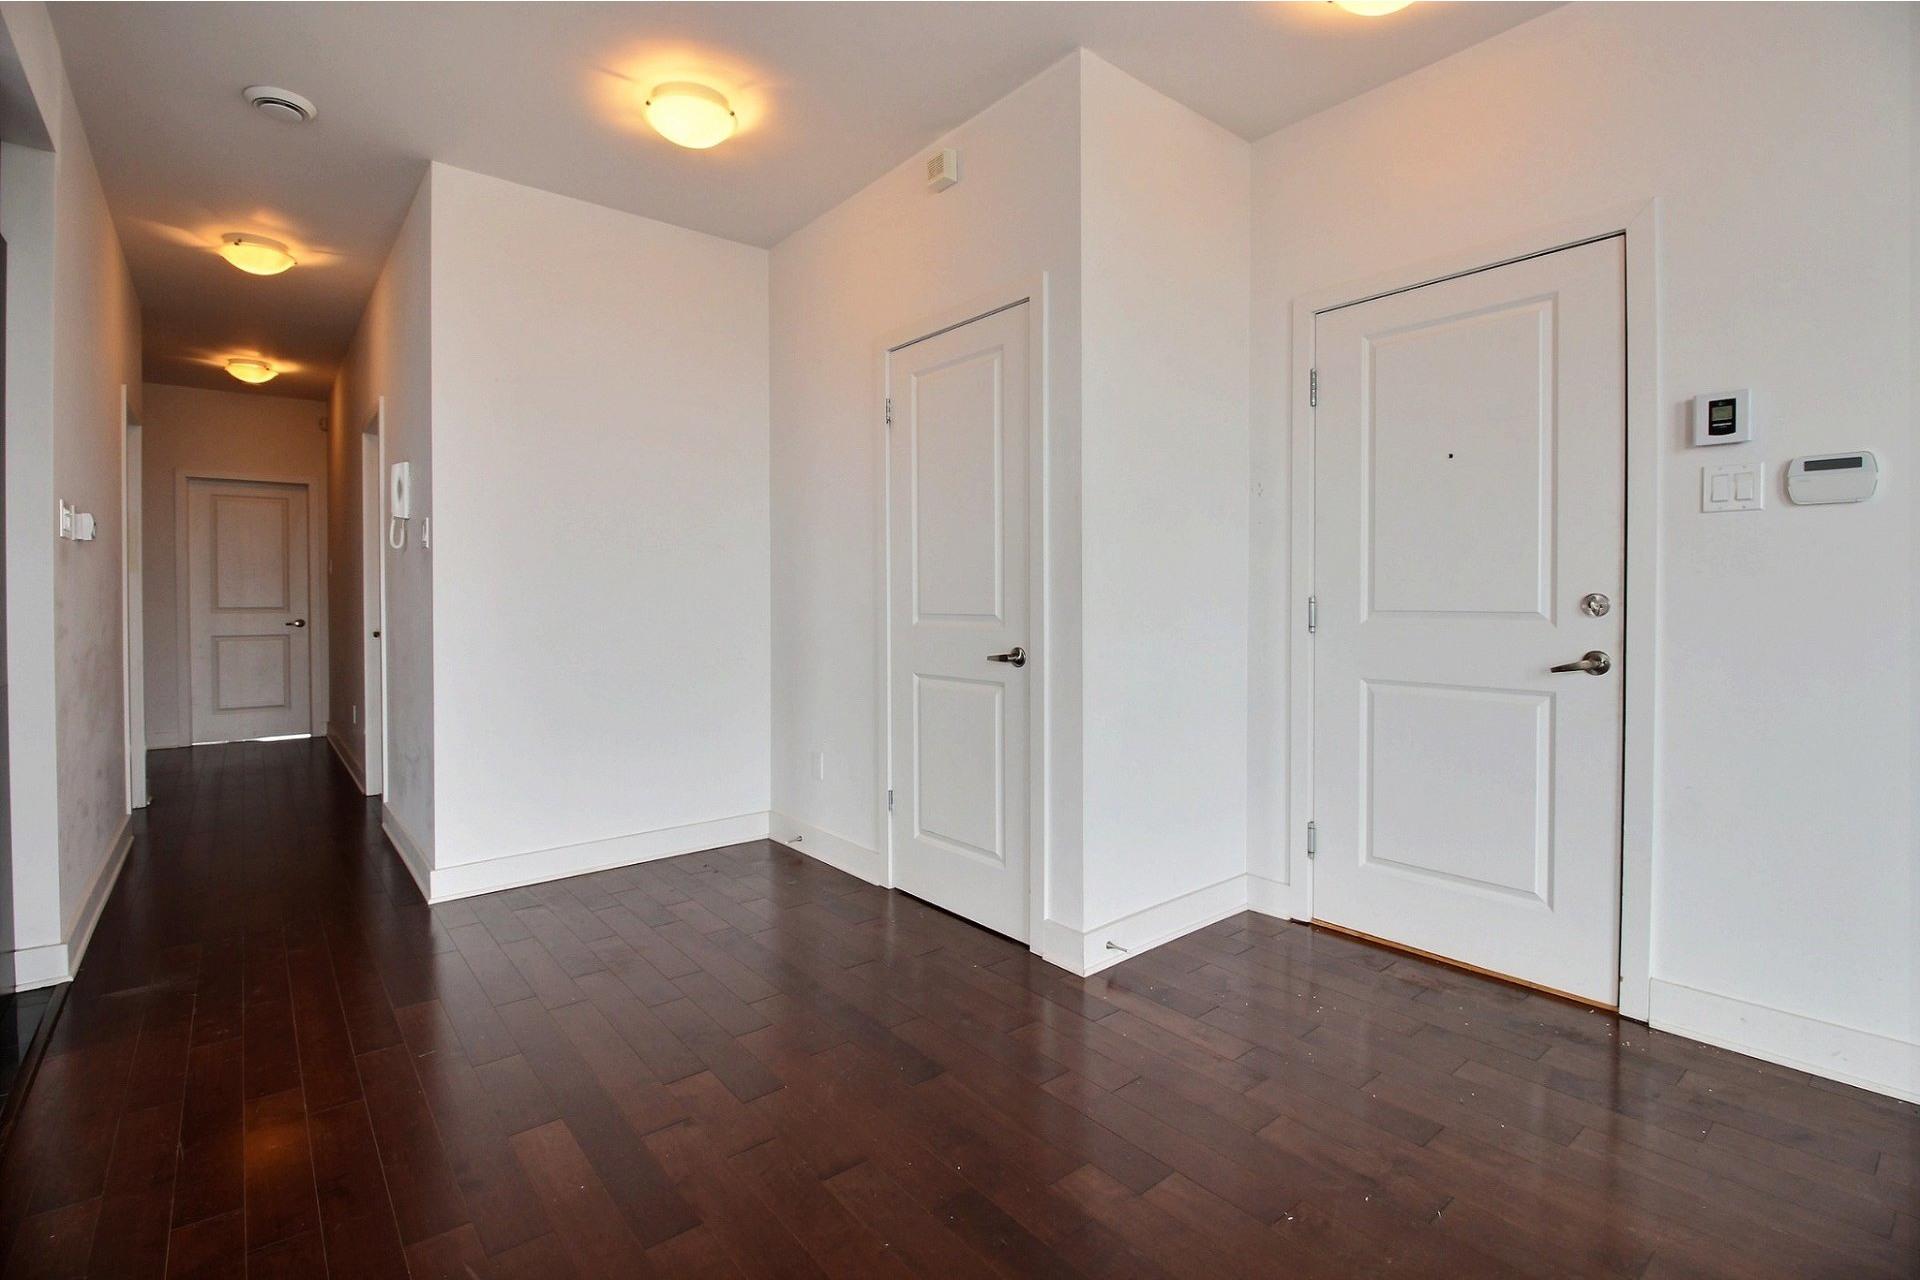 image 8 - Appartement À louer Montréal Villeray/Saint-Michel/Parc-Extension  - 6 pièces